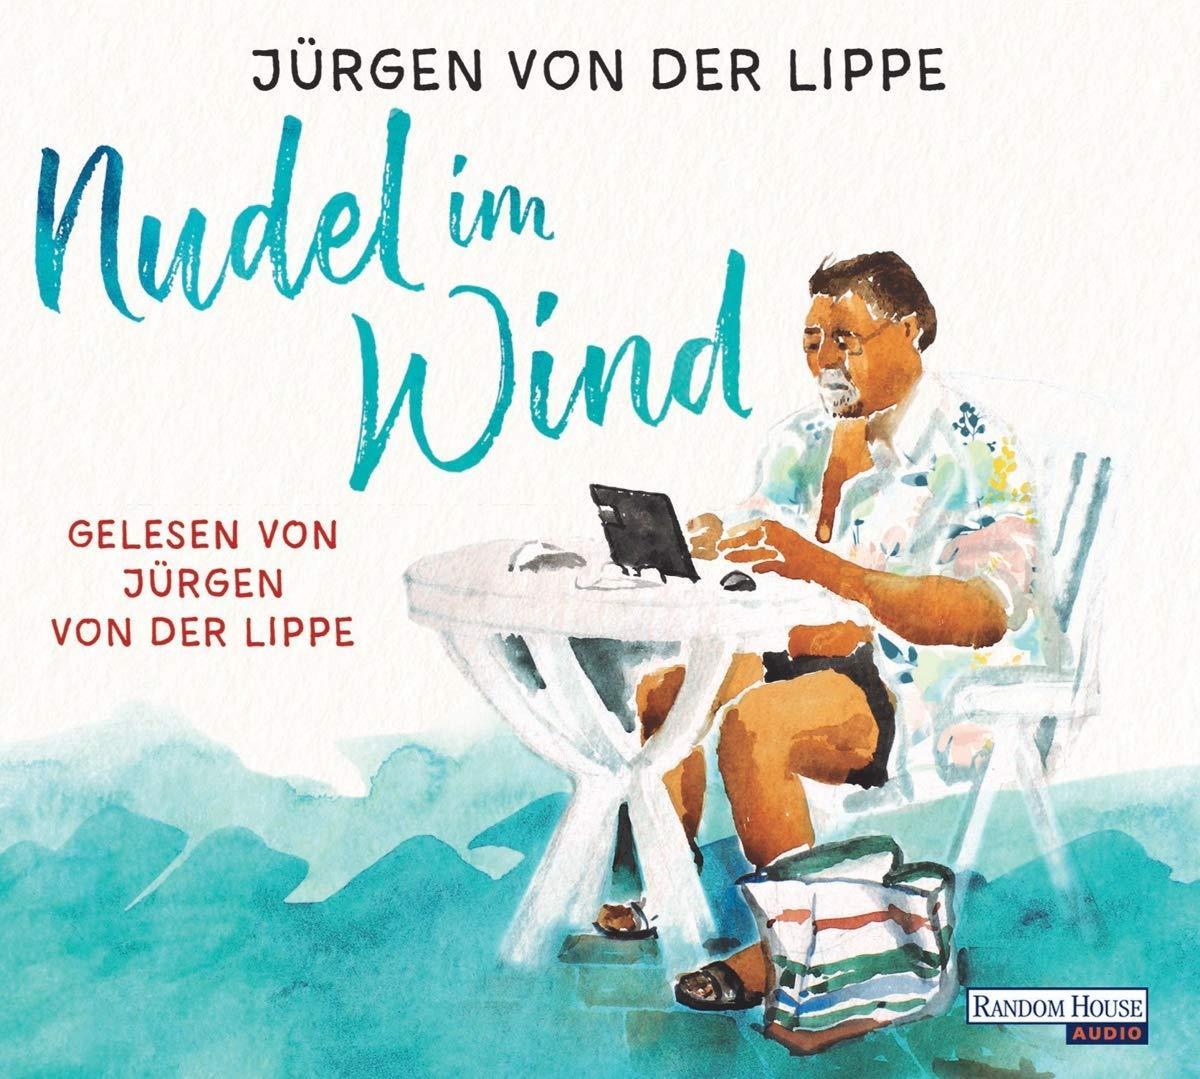 Nudel Im Wind Amazonde Jürgen Von Der Lippe Bã¼cher